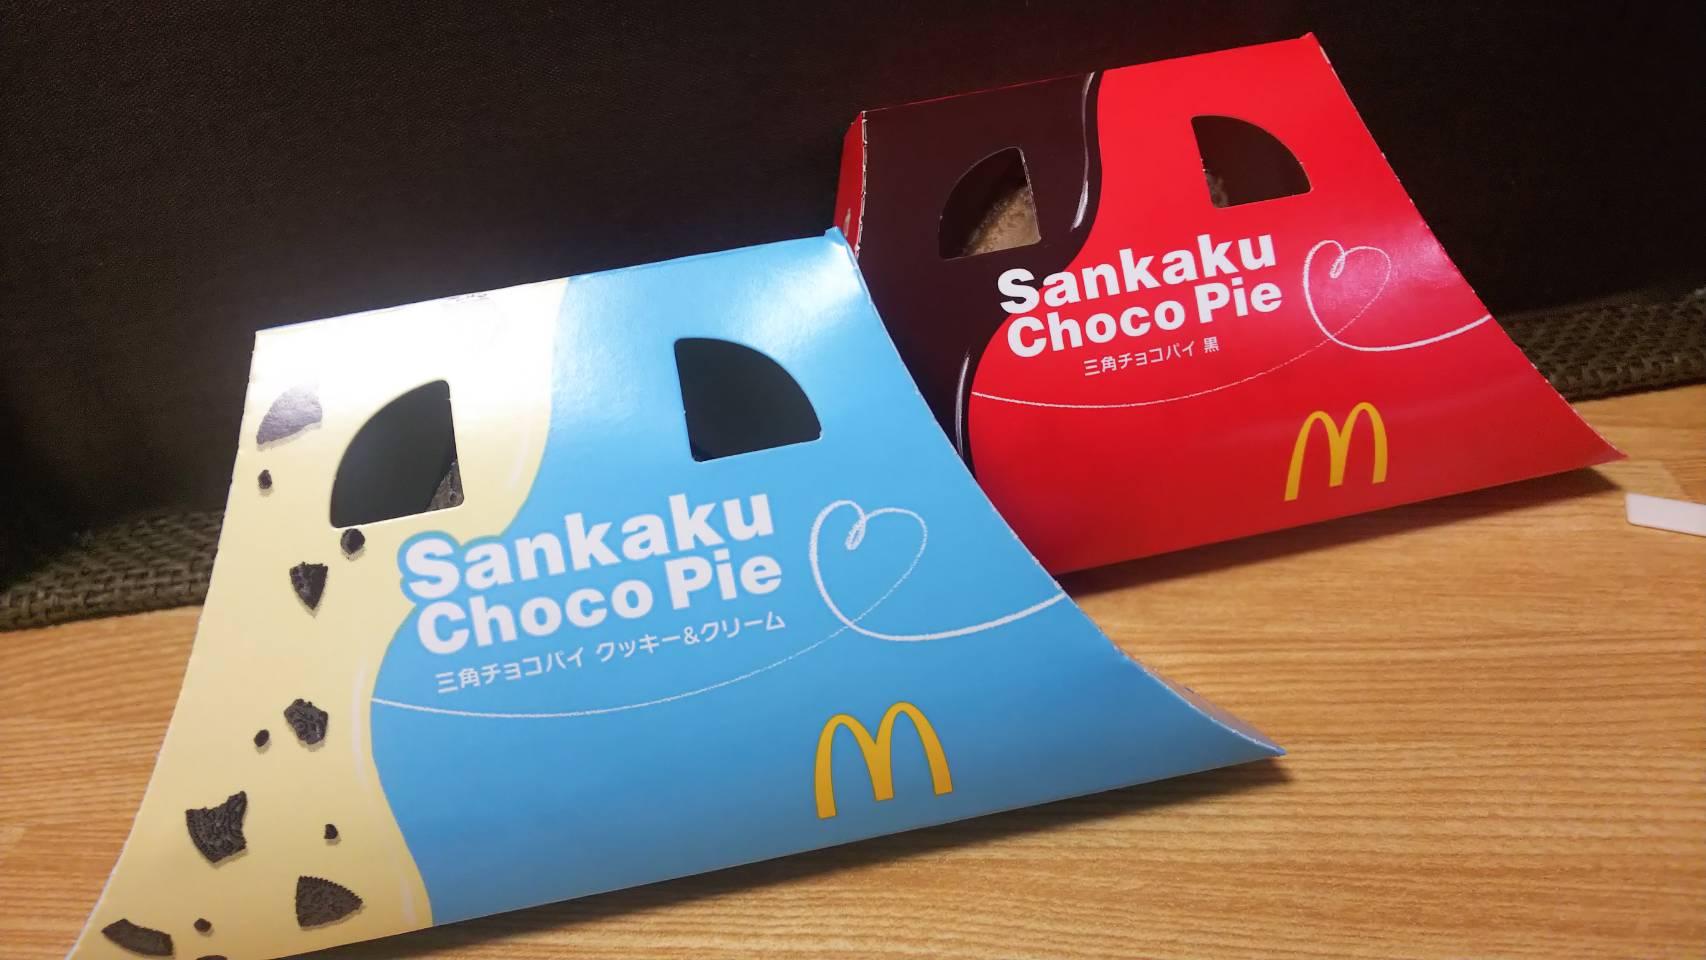 マクド:三角チョコパイ黒とクッキー&クリーム食べ比べ!発売期間はいつまで?【2019】